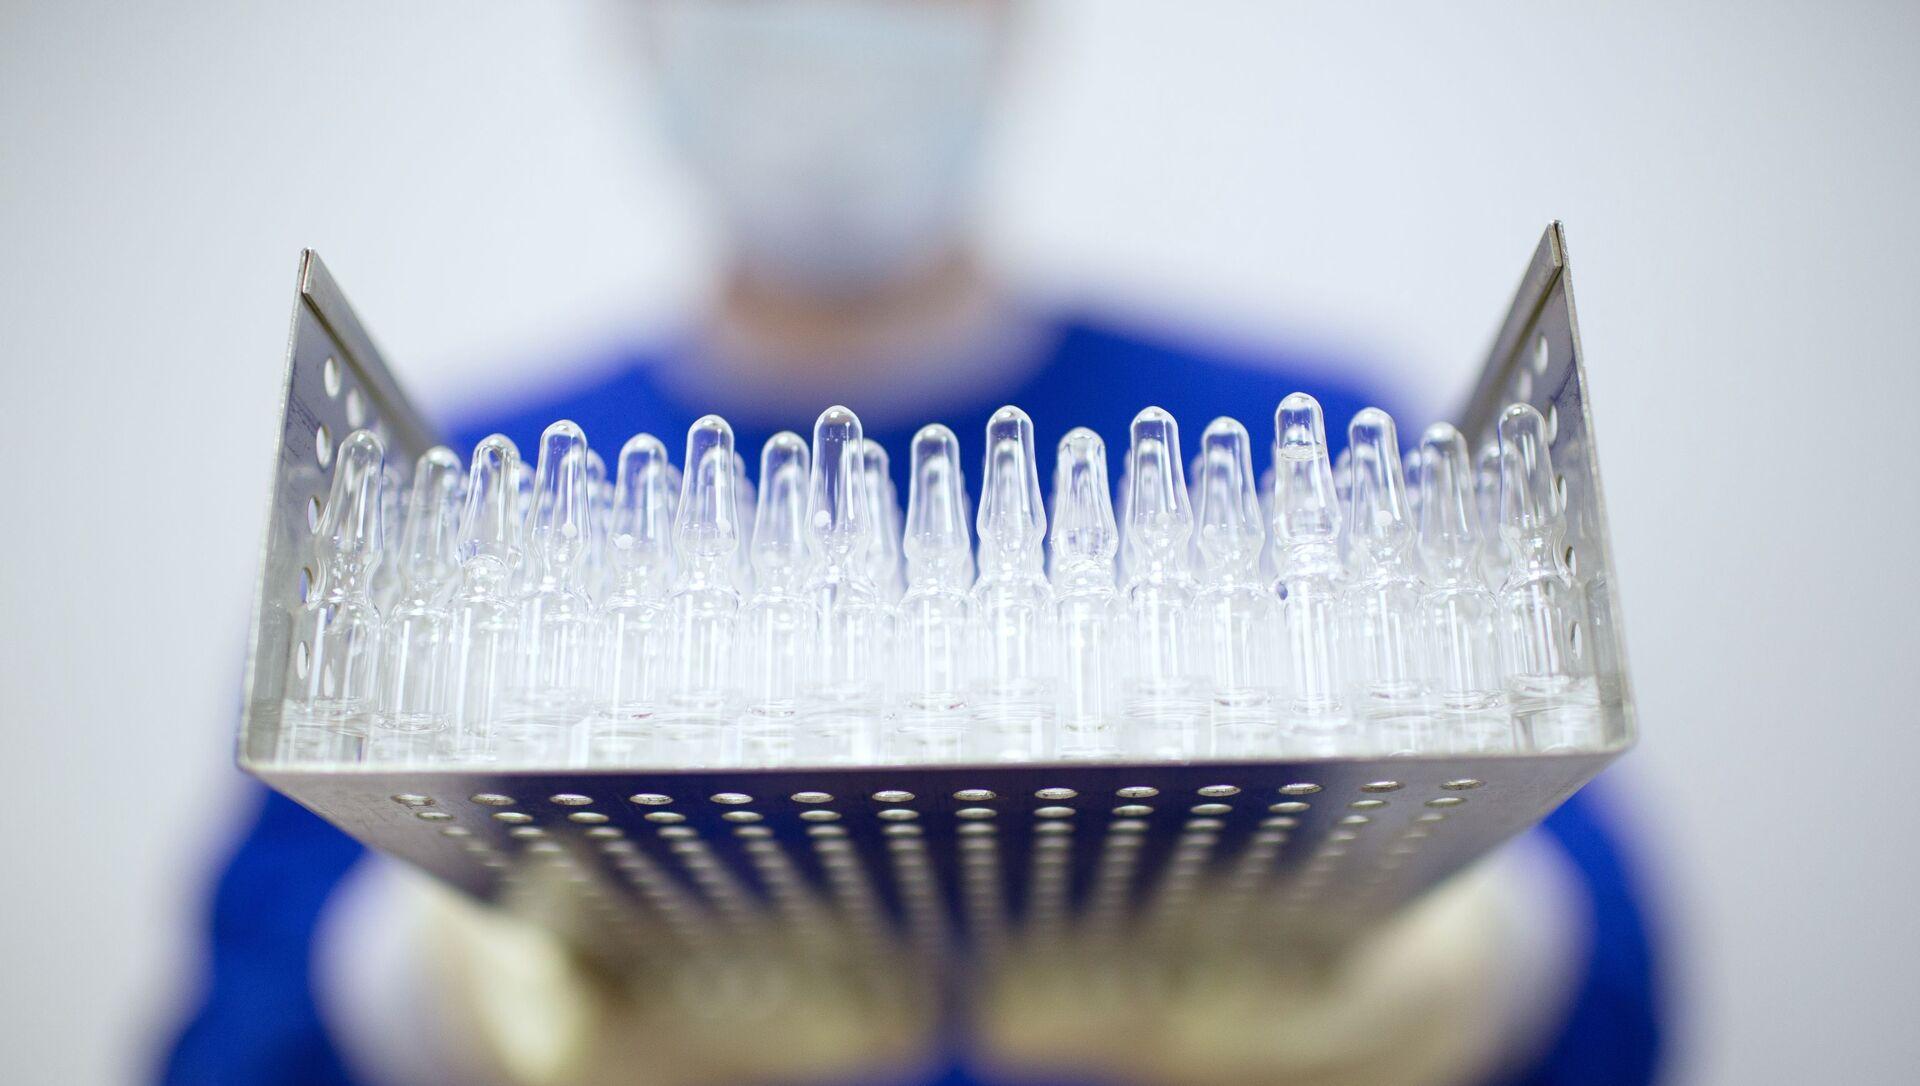 イスラエル、韓国に70万回分のファイザー製ワクチンを提供 - Sputnik 日本, 1920, 06.07.2021